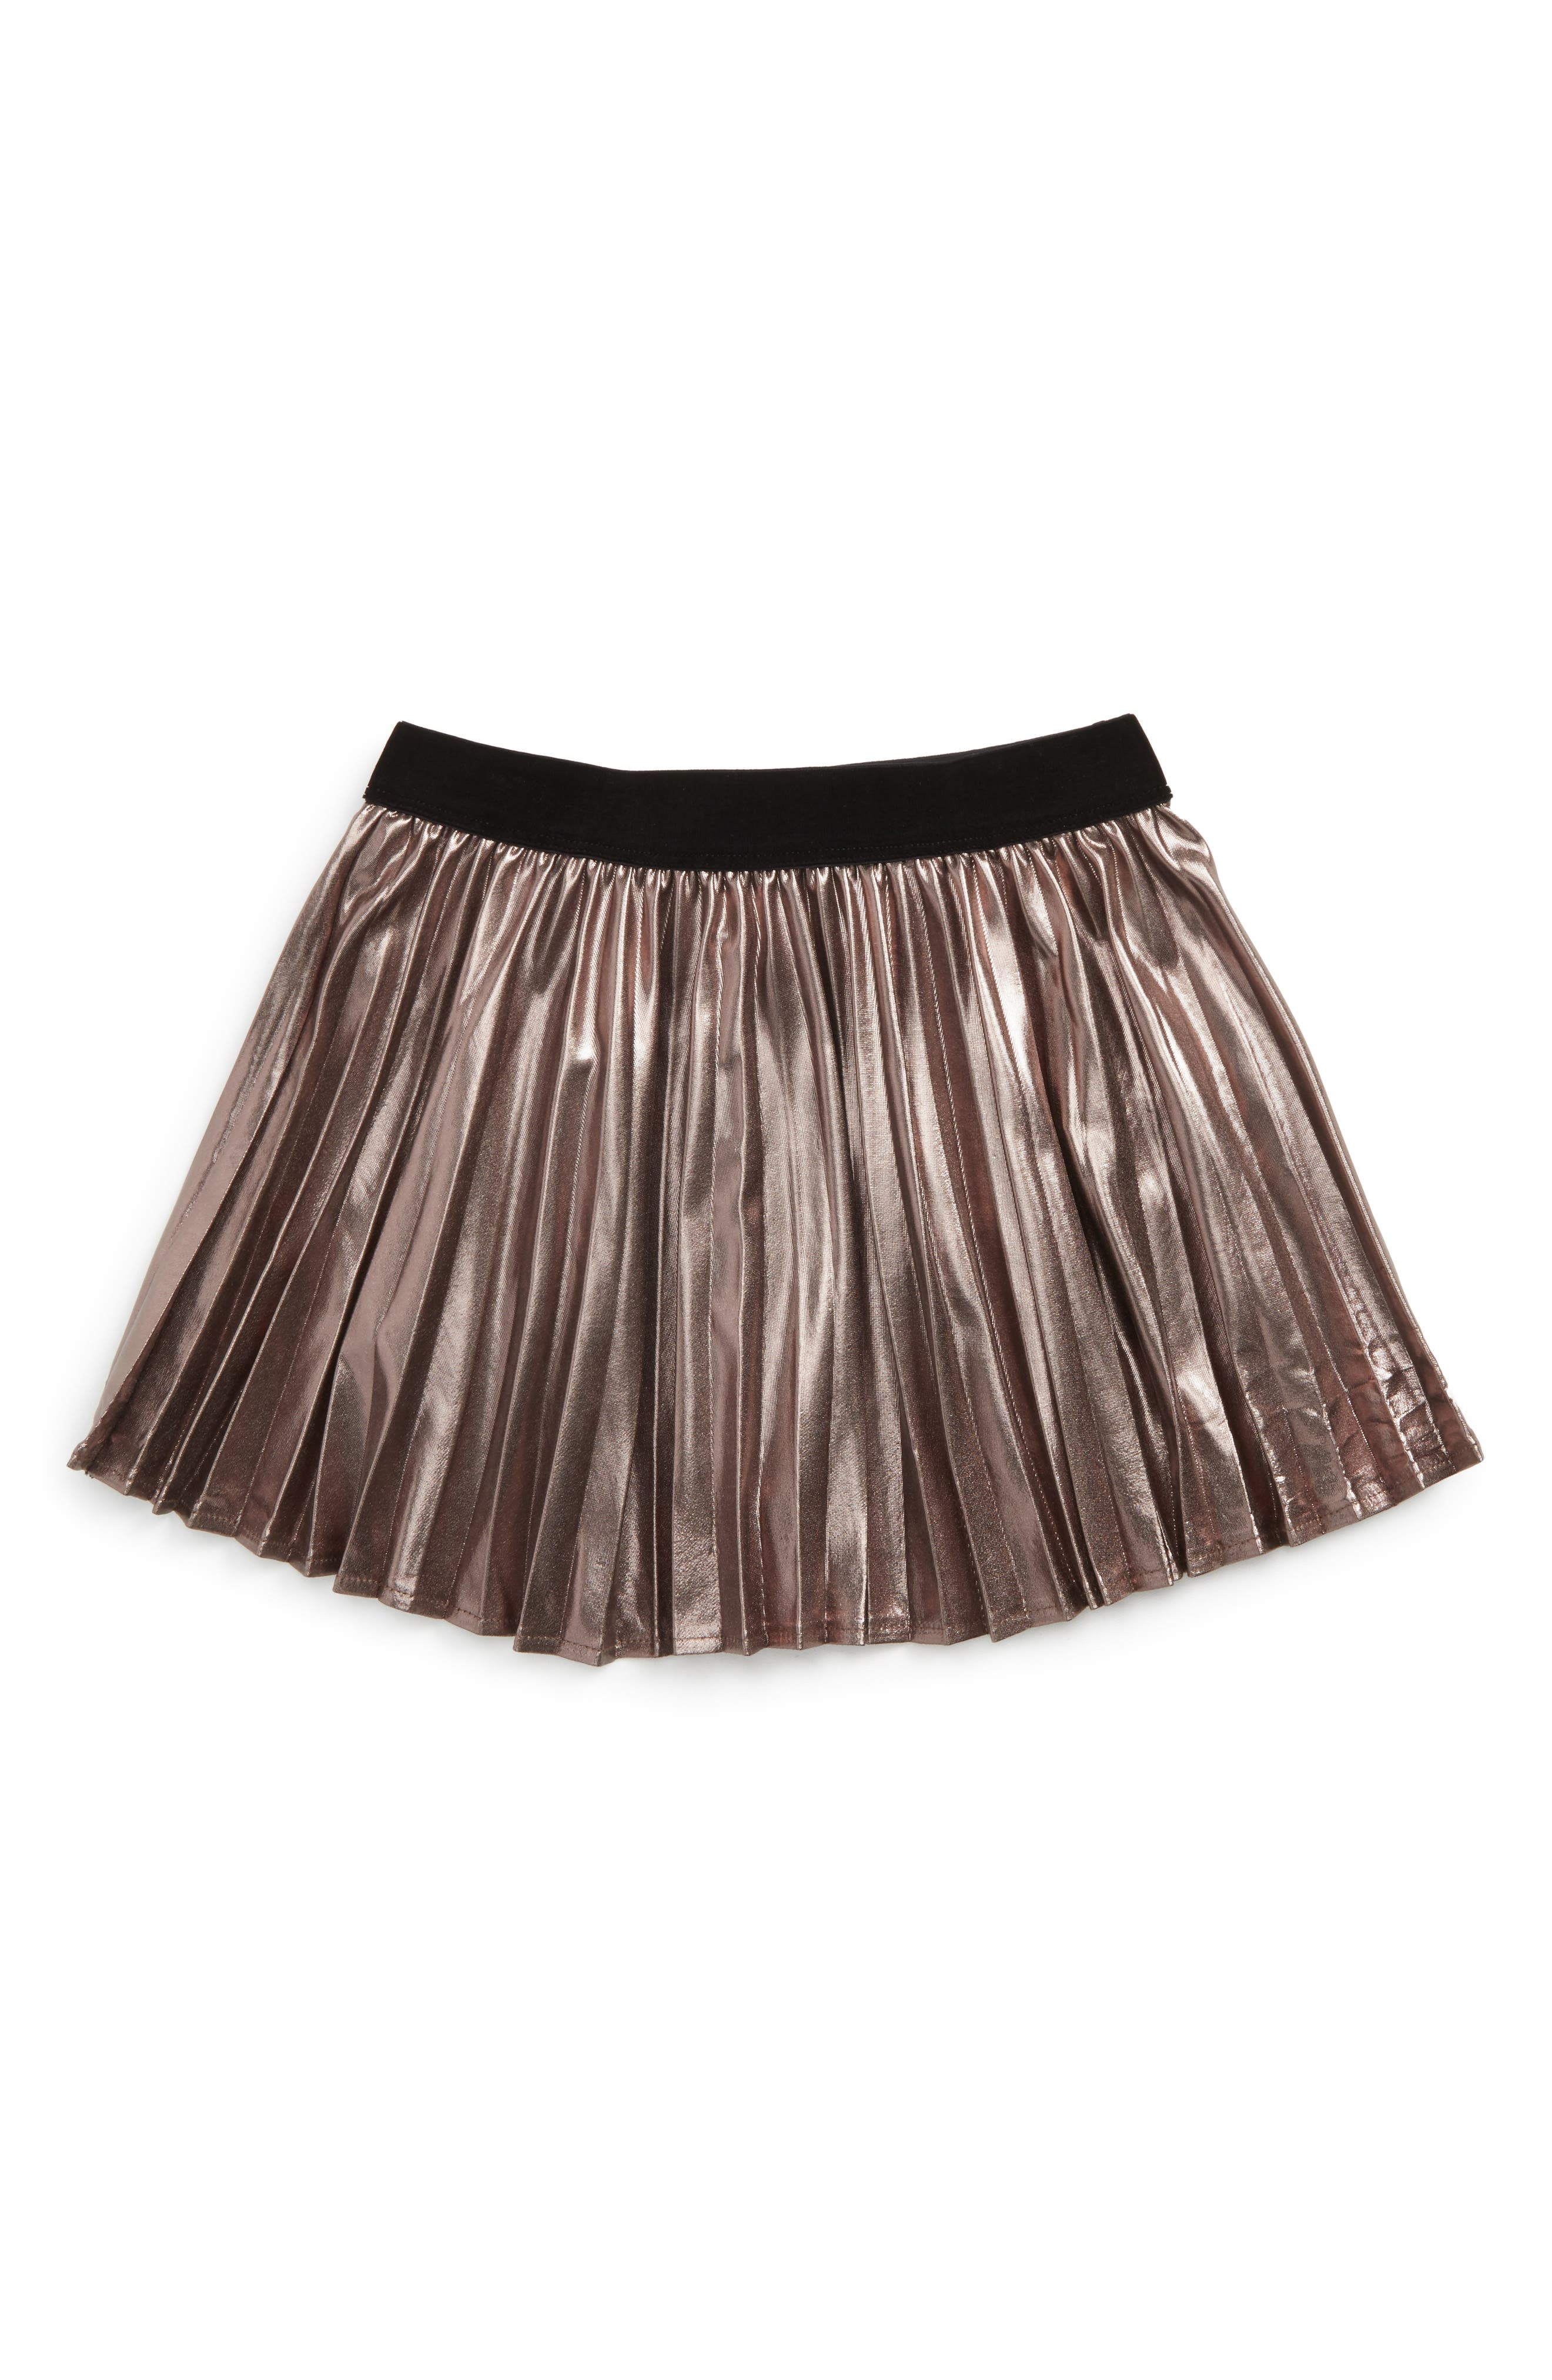 Wild Hearts Metallic Pleat Skirt,                             Main thumbnail 1, color,                             020